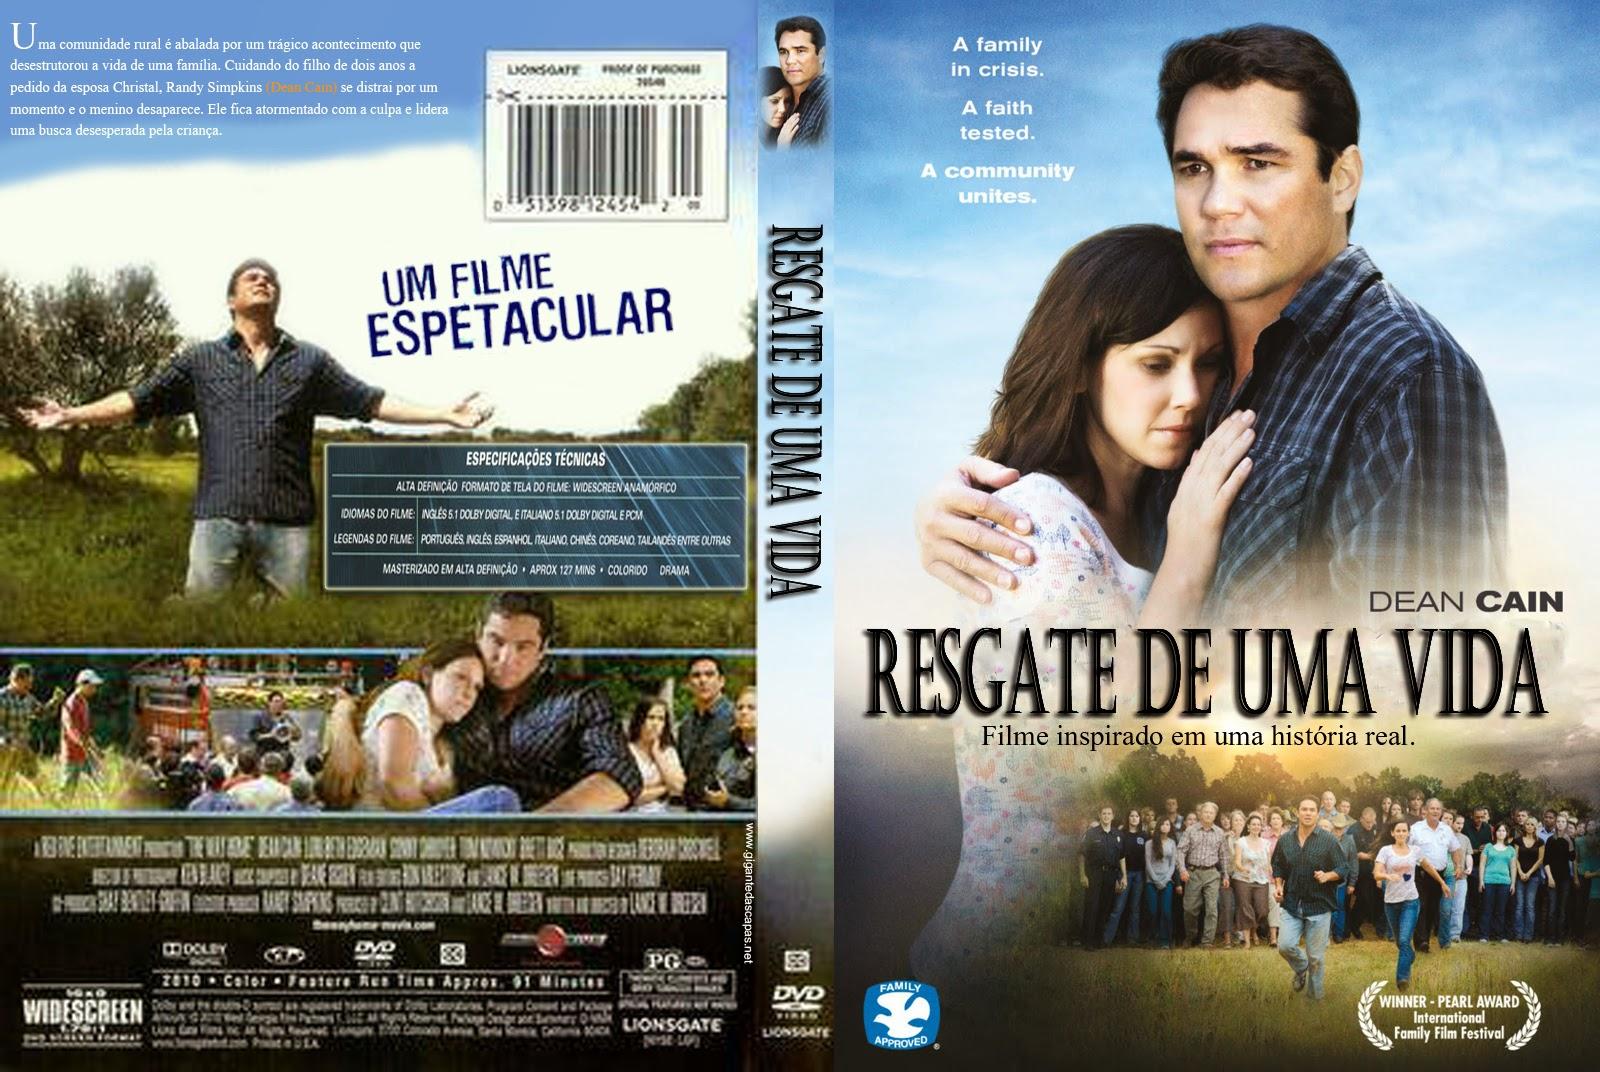 Filme Resgate De Uma Vida regarding resgate de uma vida | baixaki capas